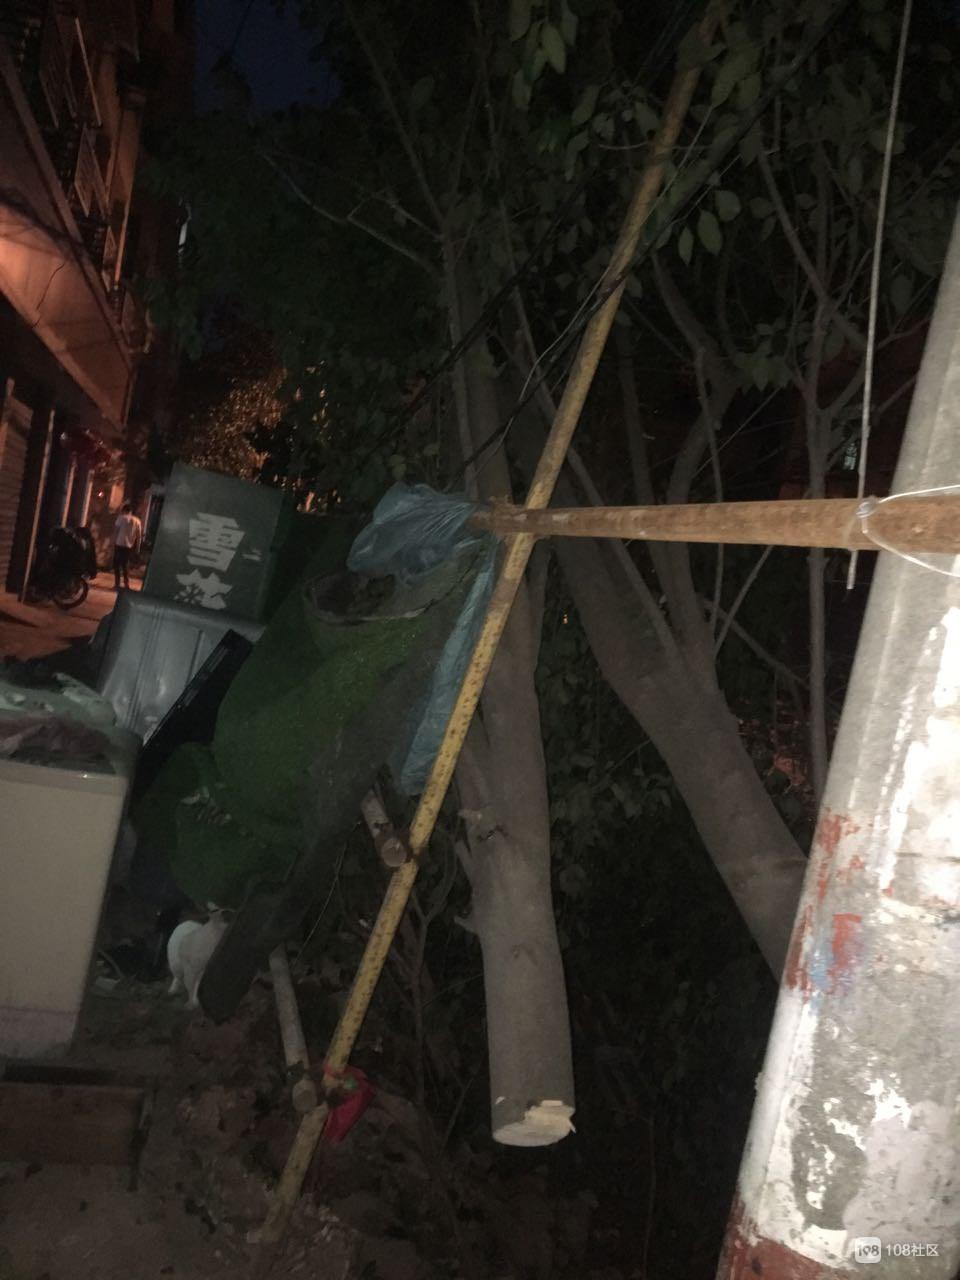 私营城居民全傻眼!树被腰斩一半还挂电线上,伐树工却走了?